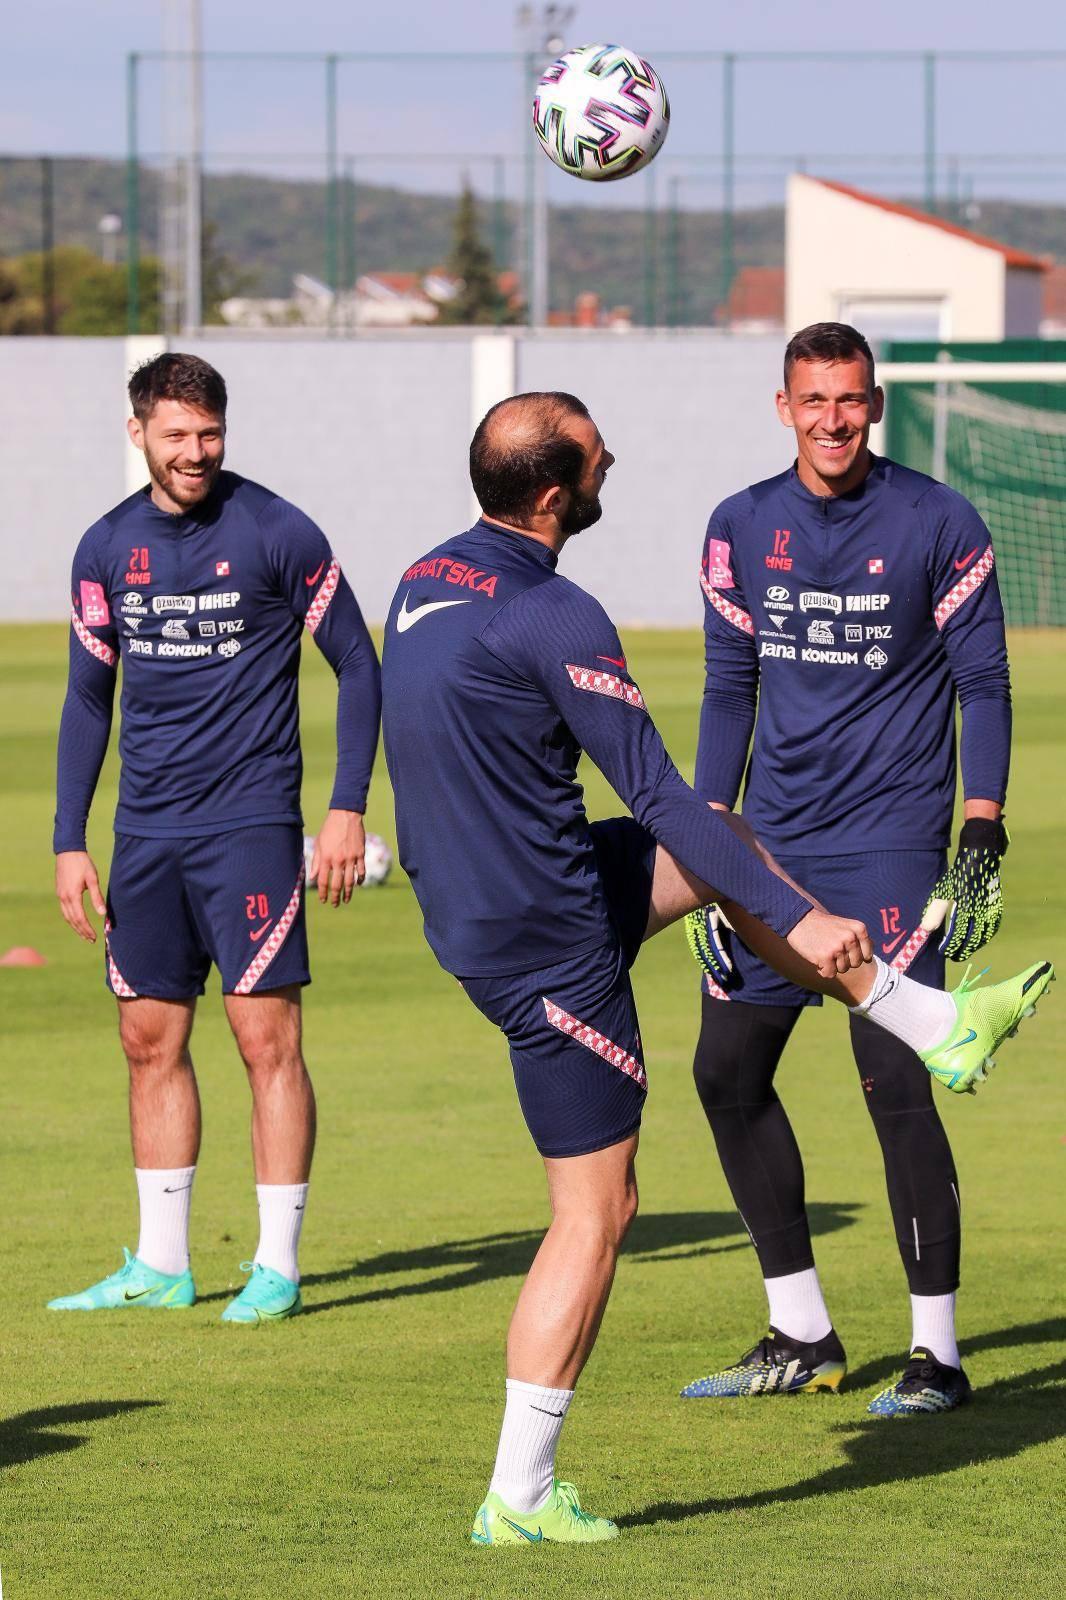 Hrvatski reprezentativci odradili još jedan trening u Rovinju